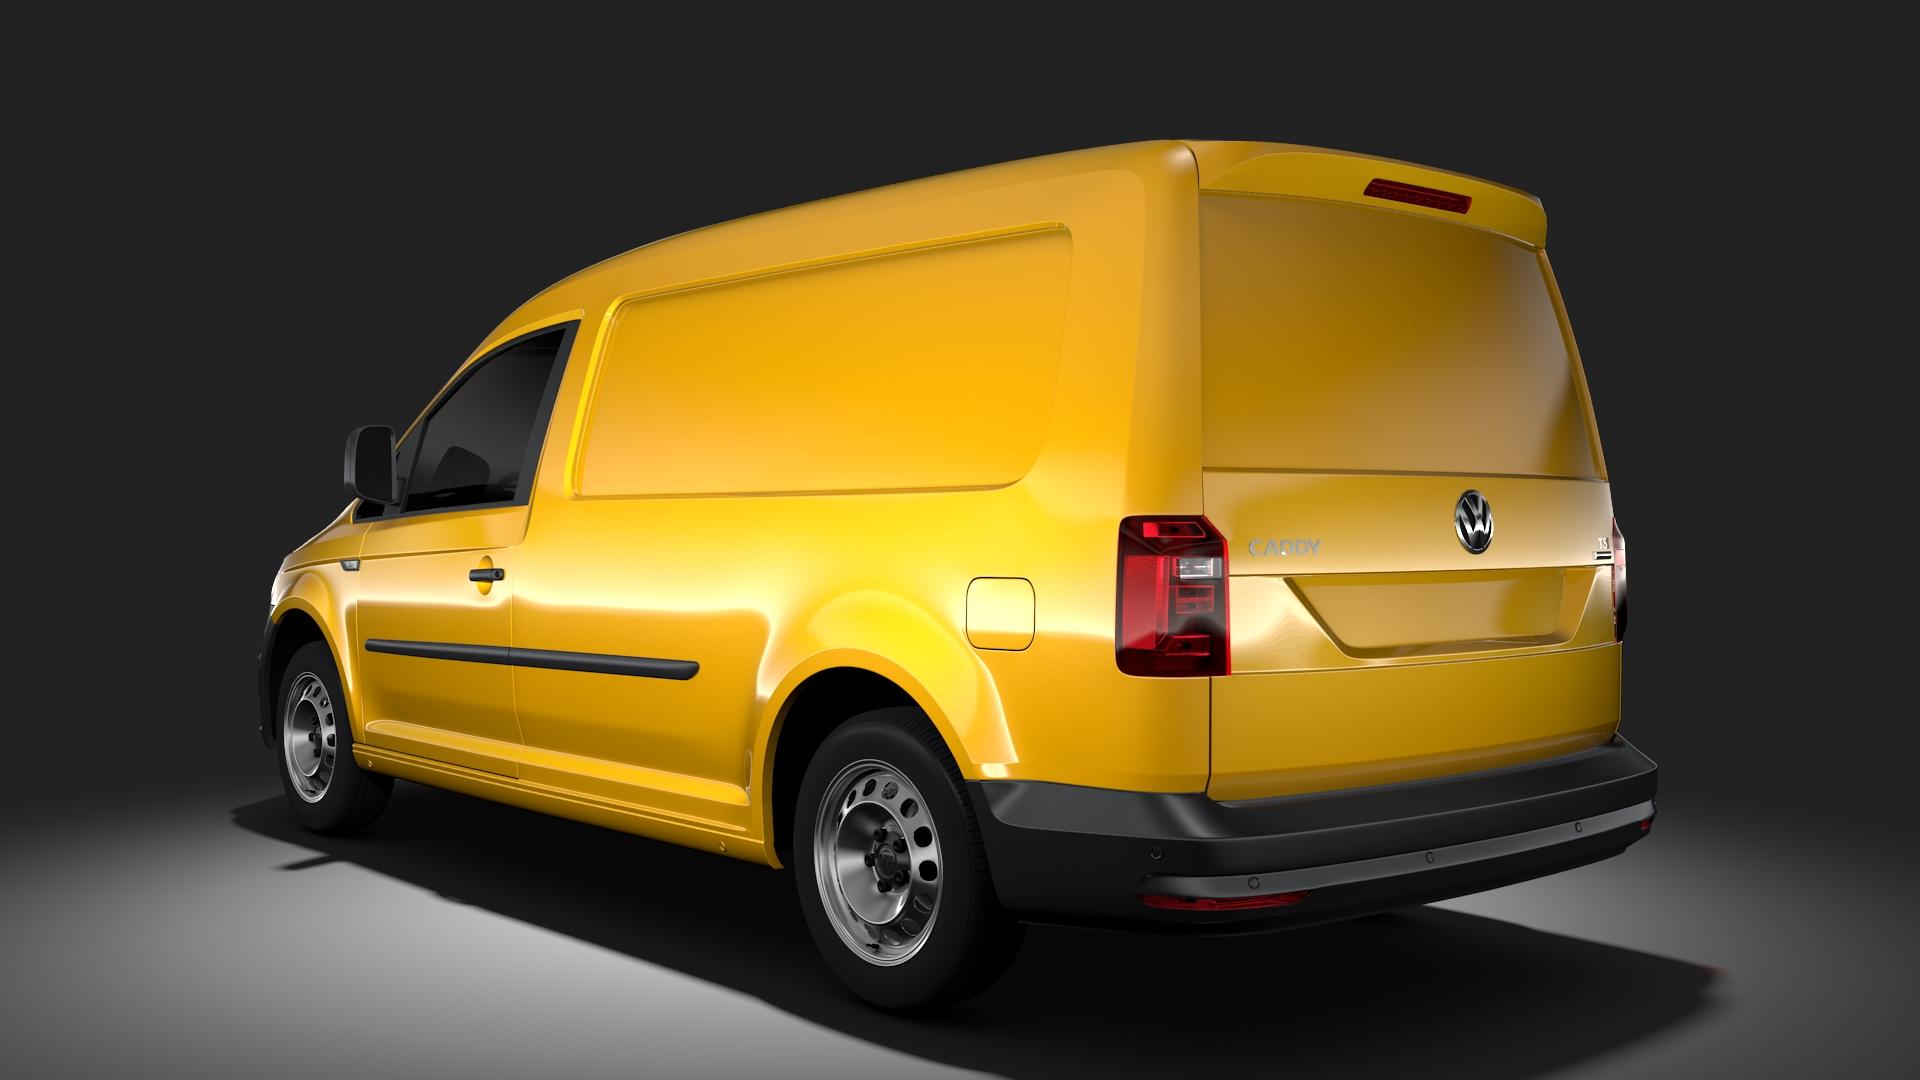 volkswagen caddy panel van l2 2017 3d model max fbx c4d lwo ma mb hrc xsi obj 274608